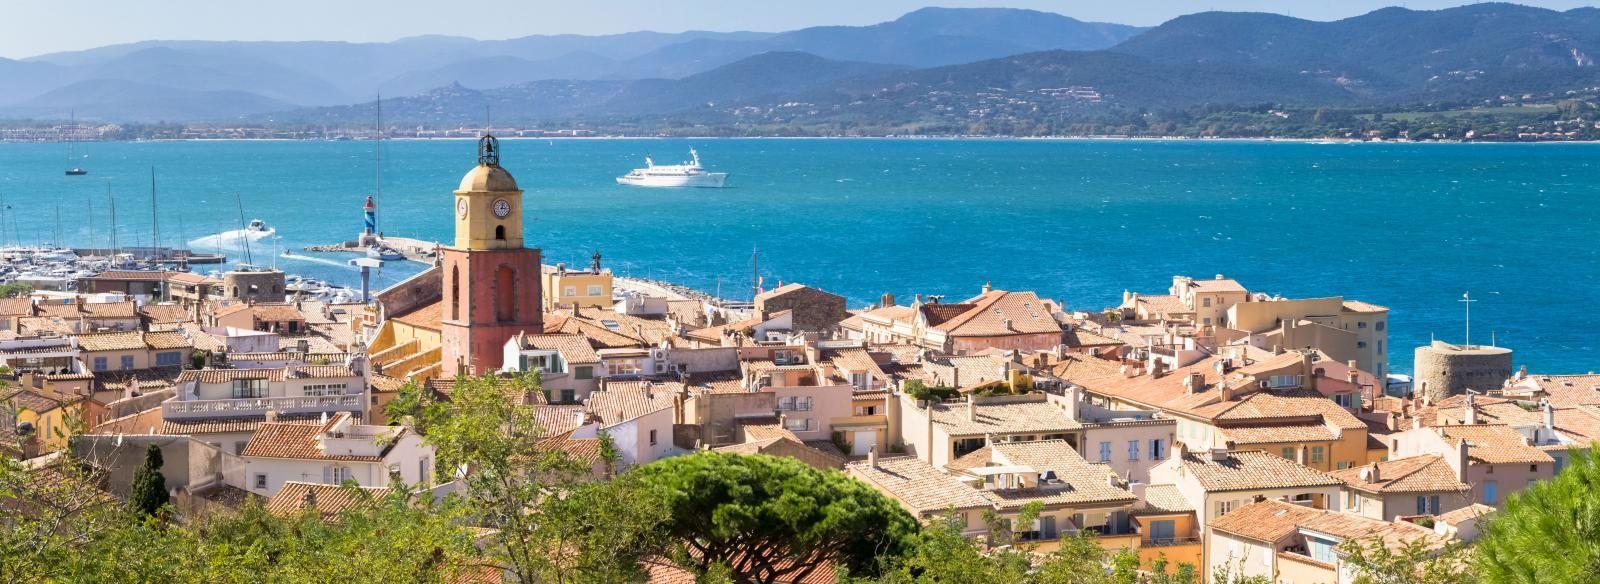 Lou Pinet, Hôtel Spa 5 étoiles de Saint-Tropez